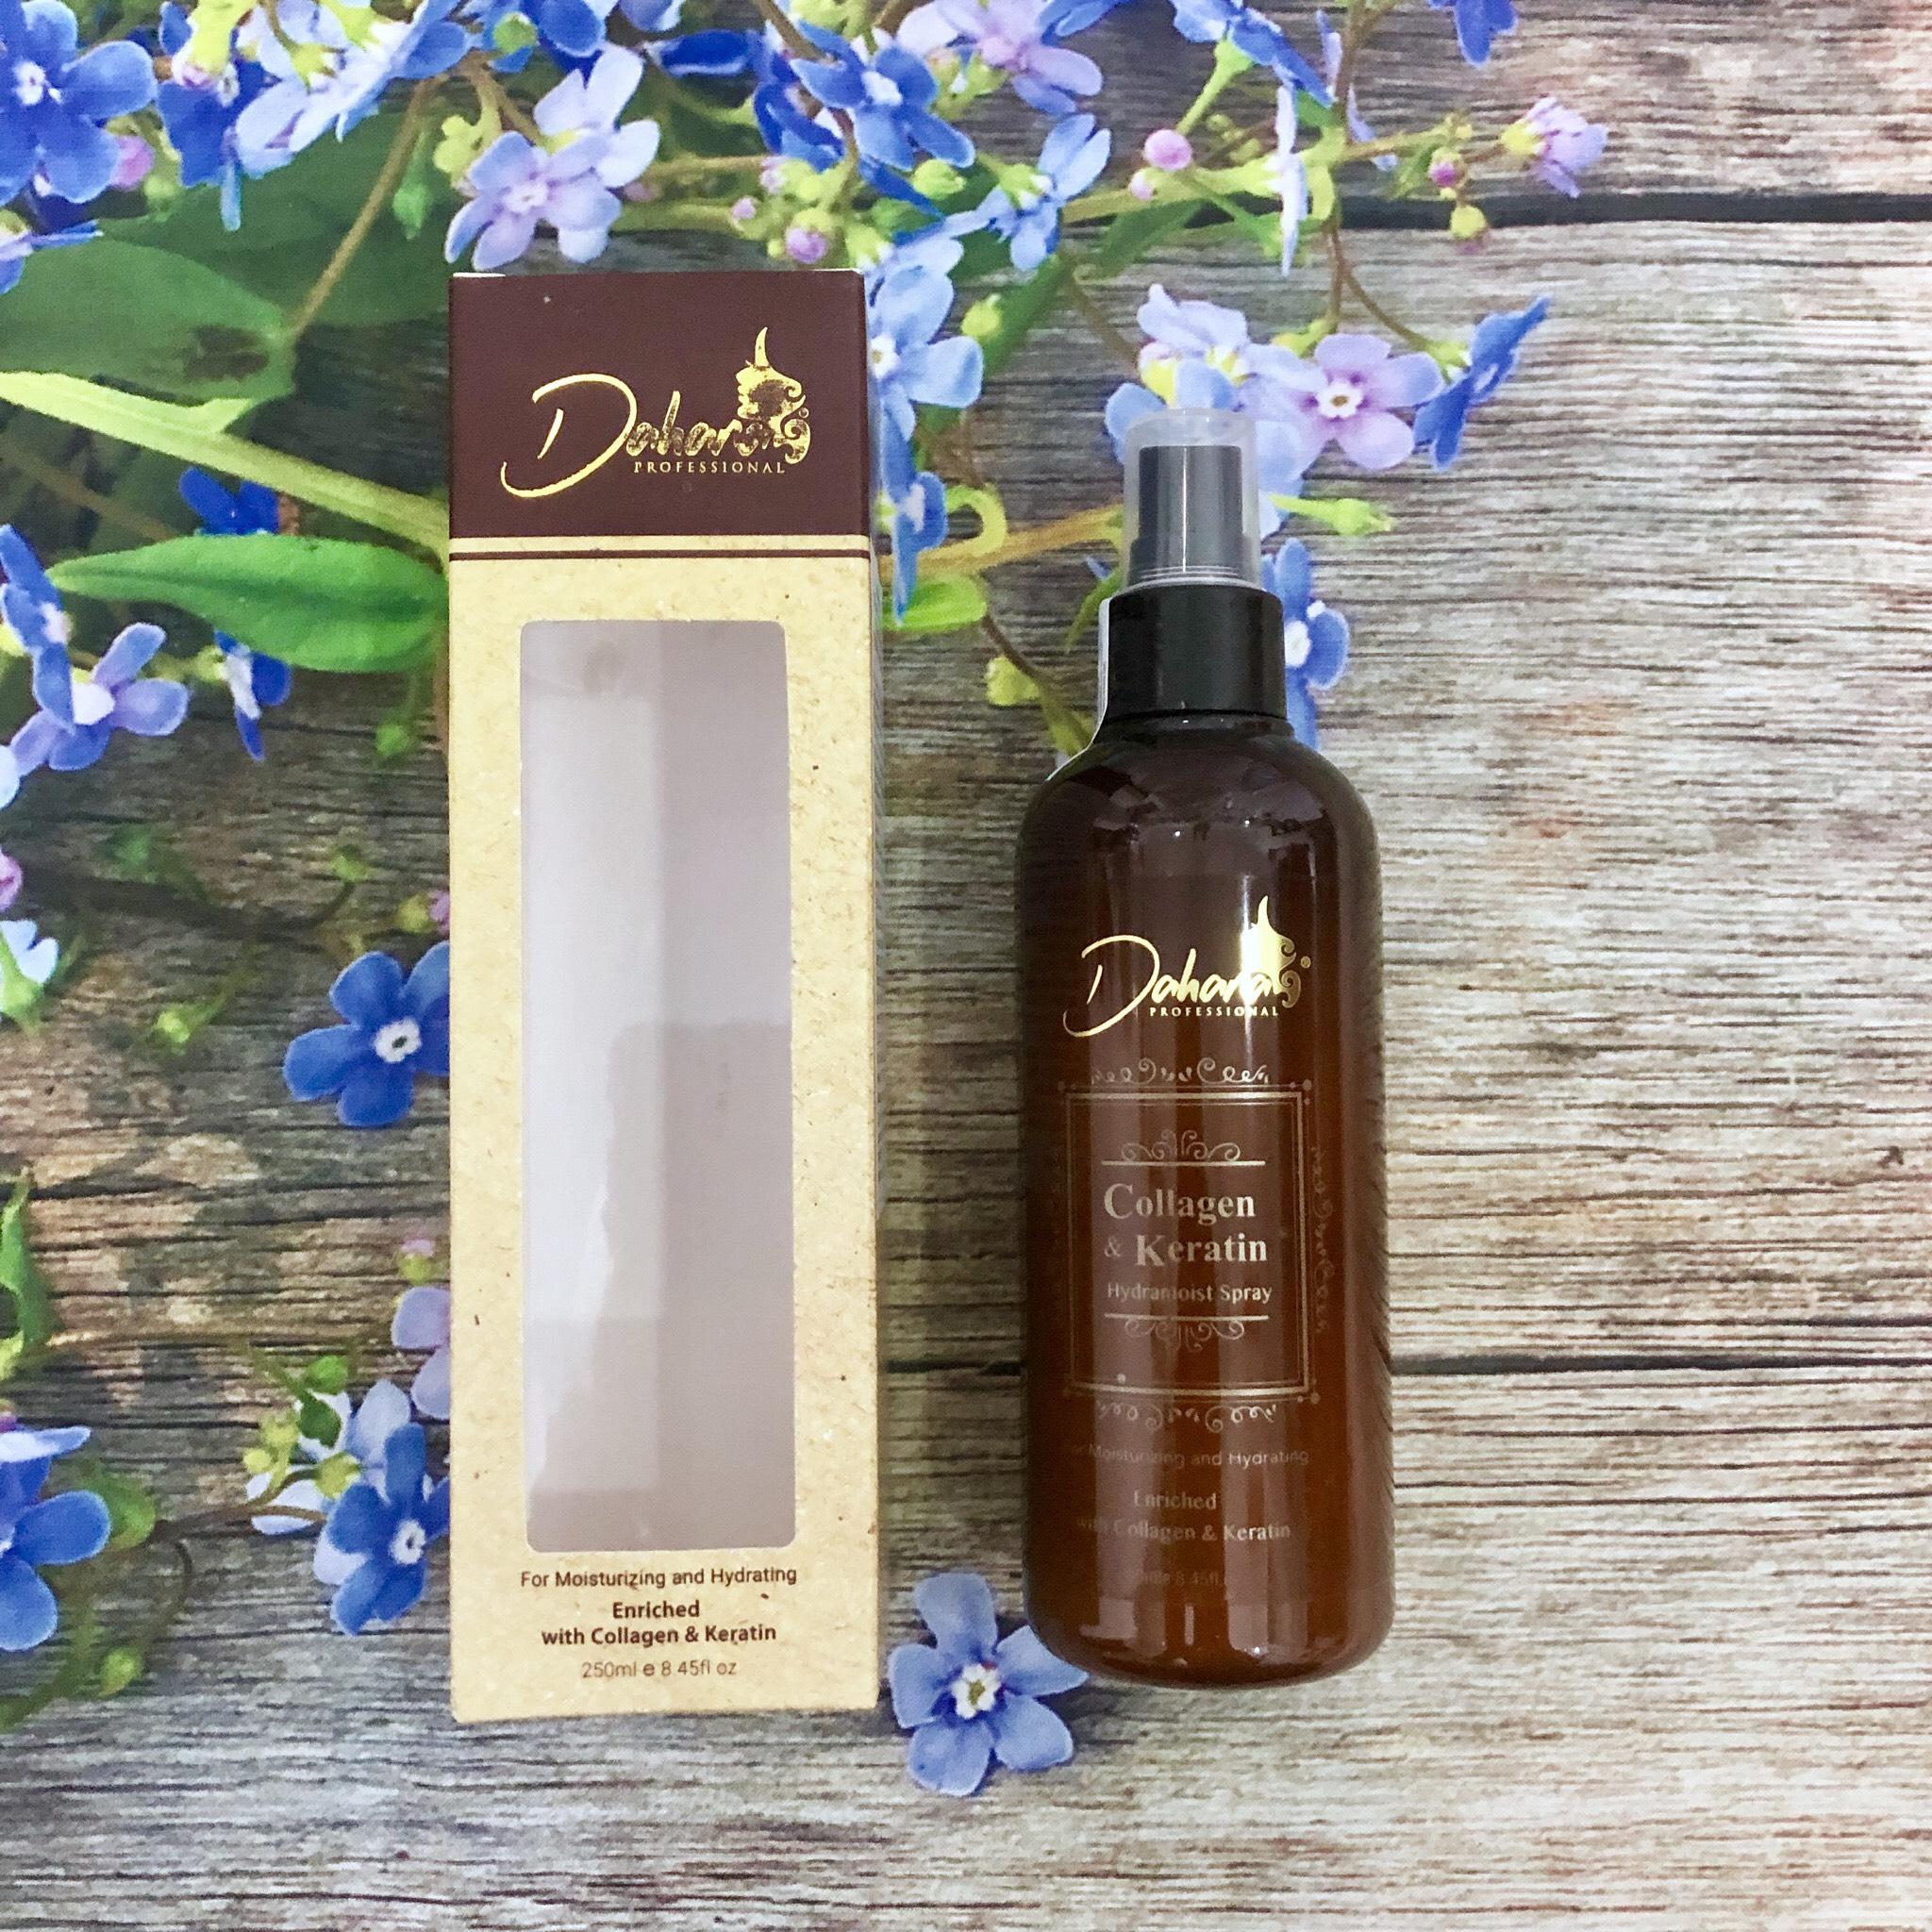 Xịt dưỡng ẩm tóc siêu mượt DAHANA Collagen & Keratin cho tóc khô hư tổn 250ml